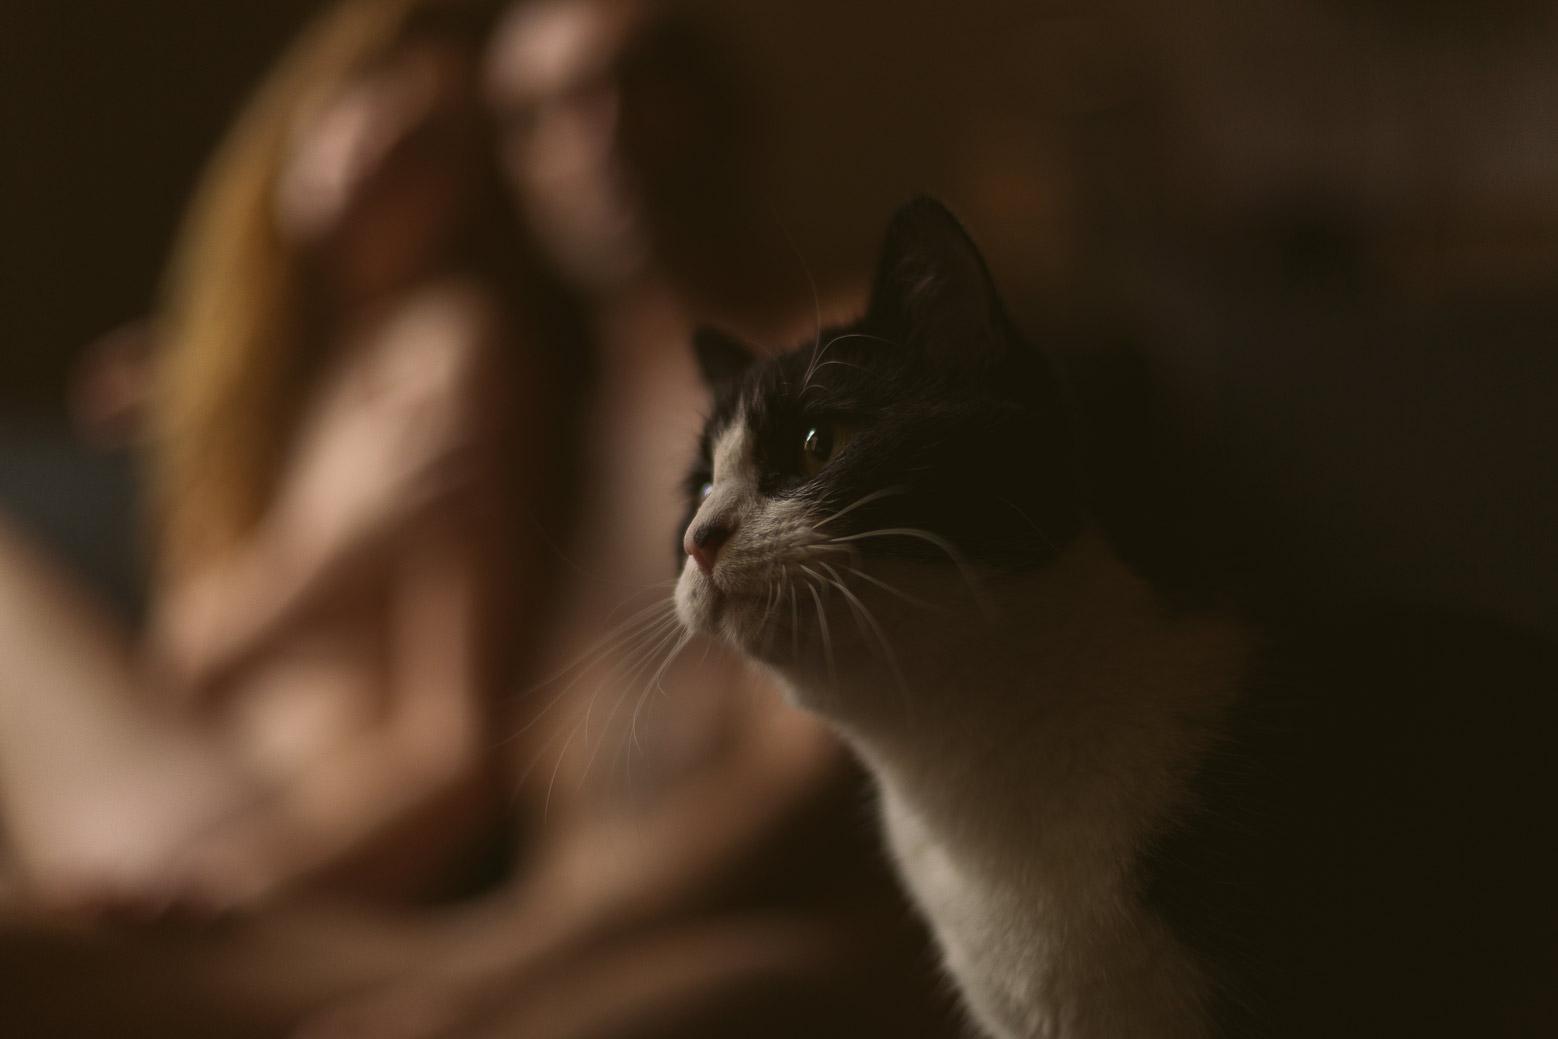 Séance photo intime en couple à Lyon avec chat